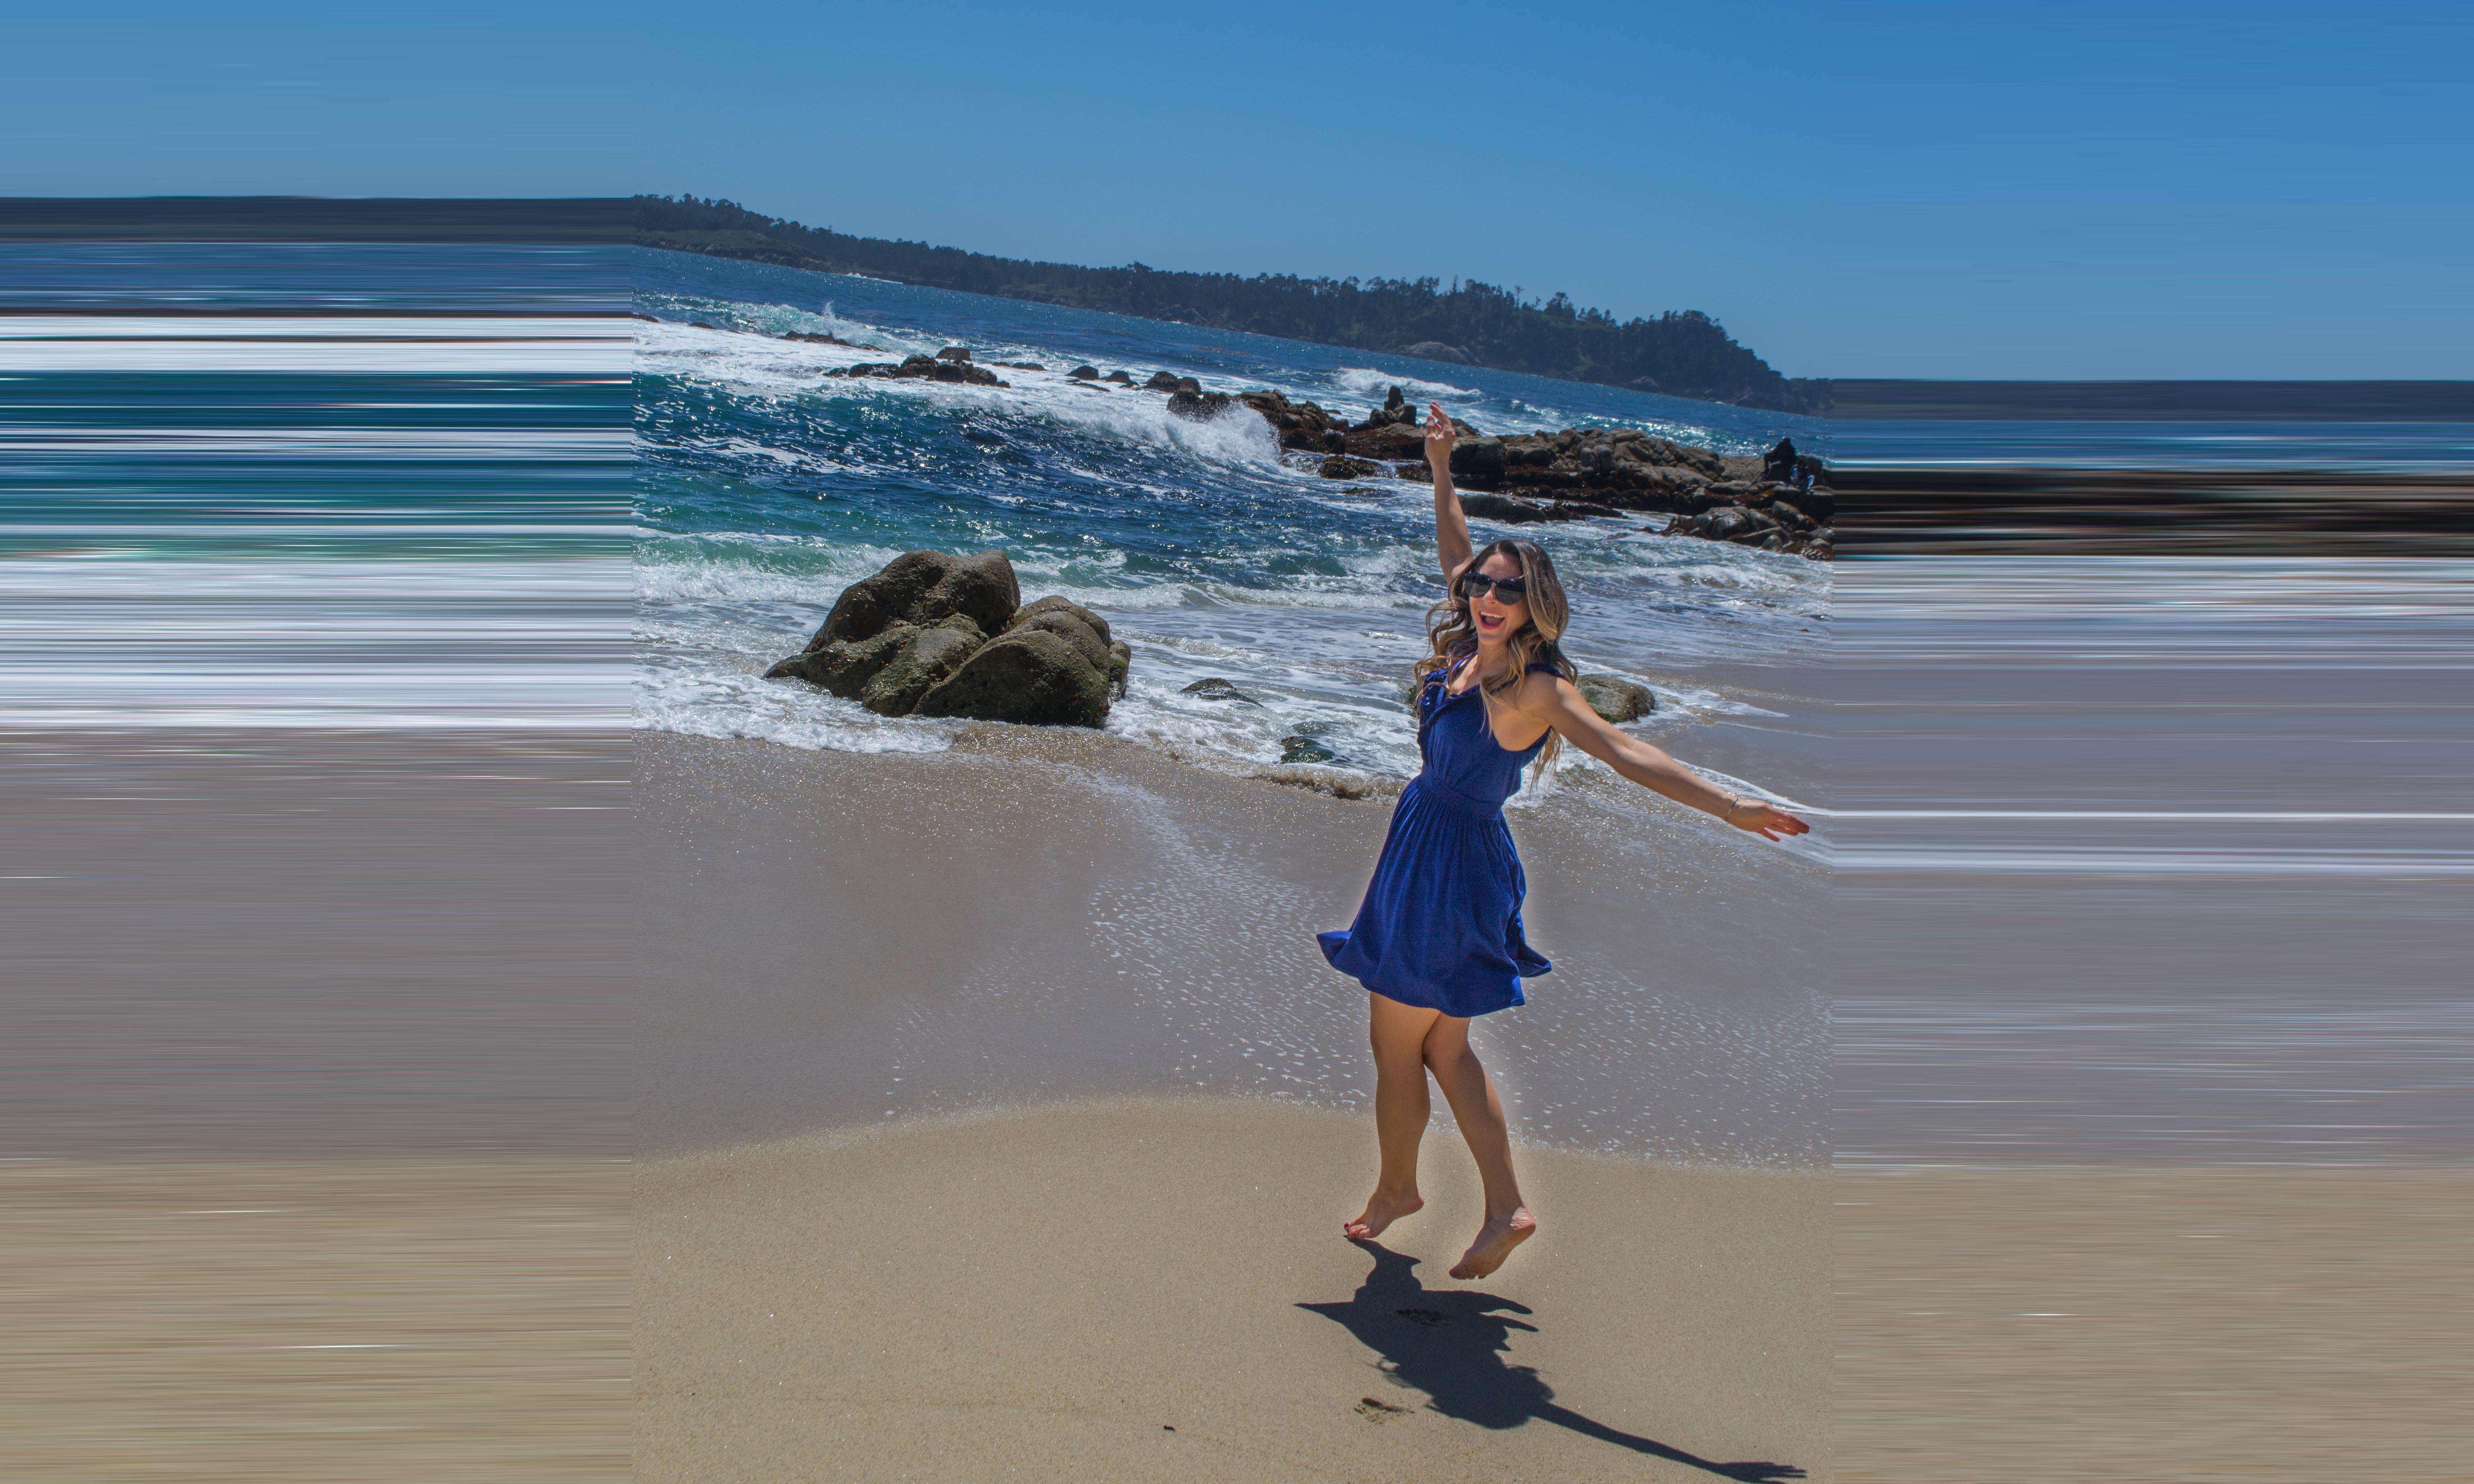 Carmel, Summer, Beaches